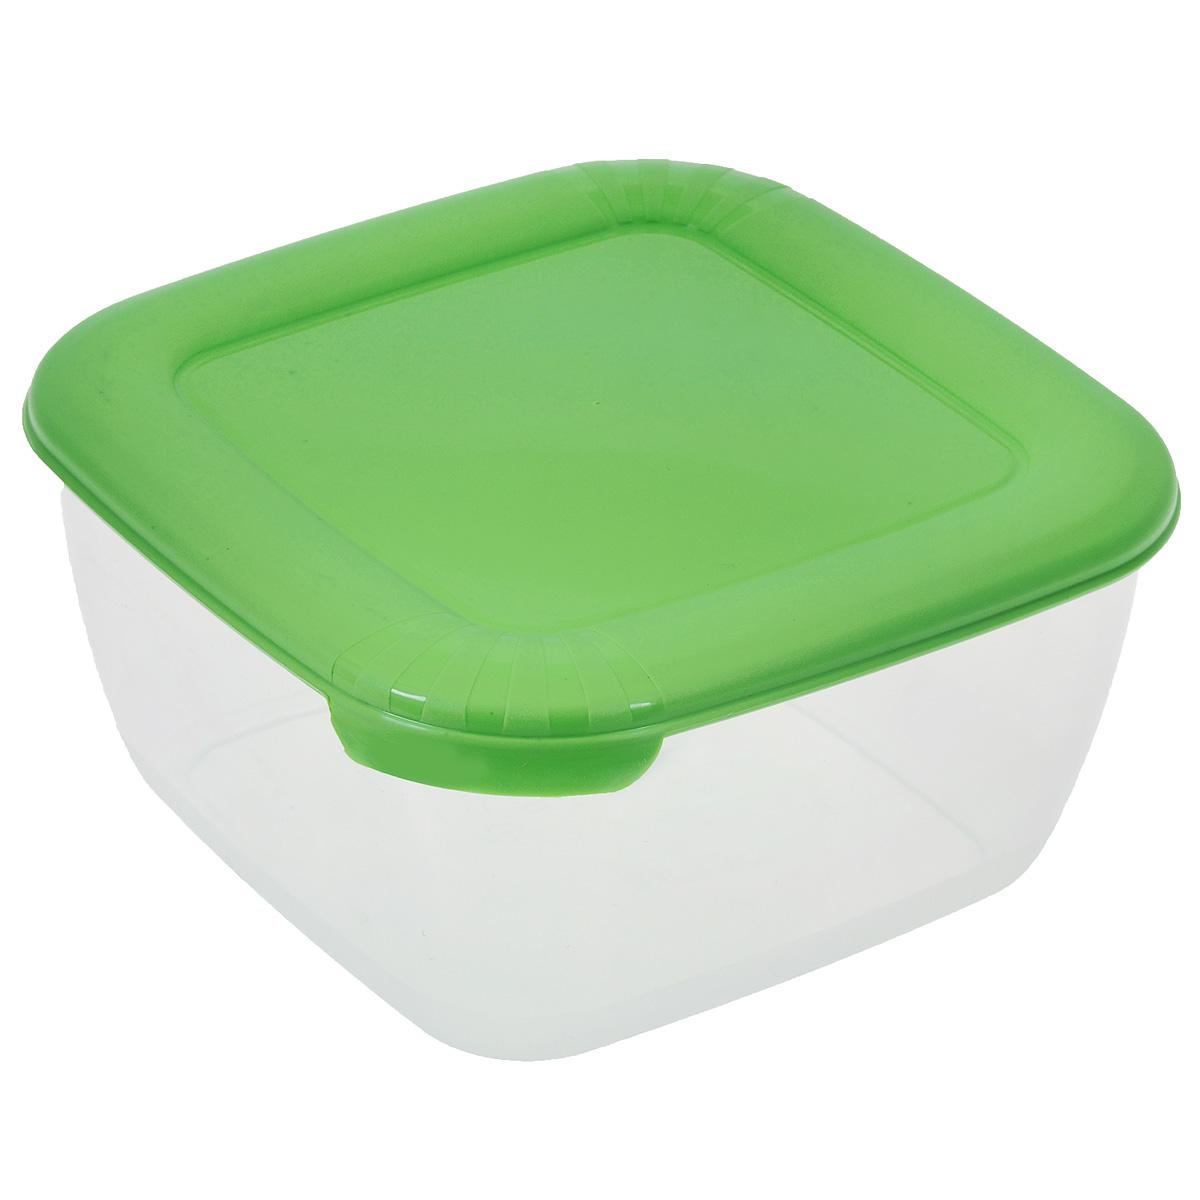 Контейнер для СВЧ Полимербыт Лайт, цвет: прозрачный, зеленый, 950 млС541Контейнер Полимербыт Лайт квадратной формы, изготовленный из прочного пластика, предназначен специально для хранения пищевых продуктов. Крышка легко открывается и плотно закрывается. Контейнер устойчив к воздействию масел и жиров, легко моется. Прозрачные стенки позволяют видеть содержимое. Контейнер имеет возможность хранения продуктов глубокой заморозки, обладает высокой прочностью. Можно мыть в посудомоечной машине. Контейнер подходит для использования в микроволновой печи без крышки, а также для заморозки в морозильной камере.